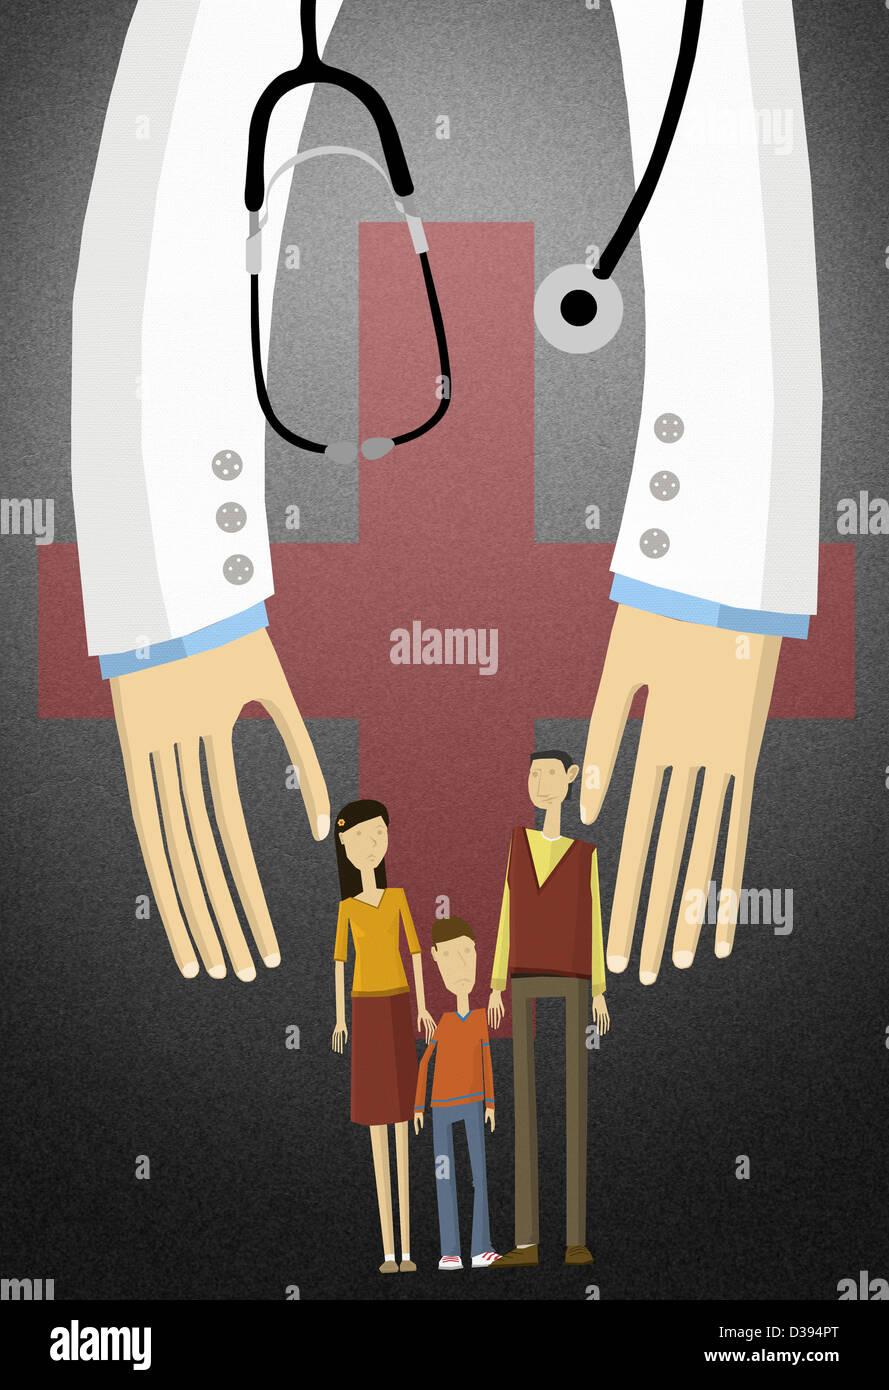 Illustrierte Schuss einer Familie durch die Krankenversicherung abgedeckt Stockbild